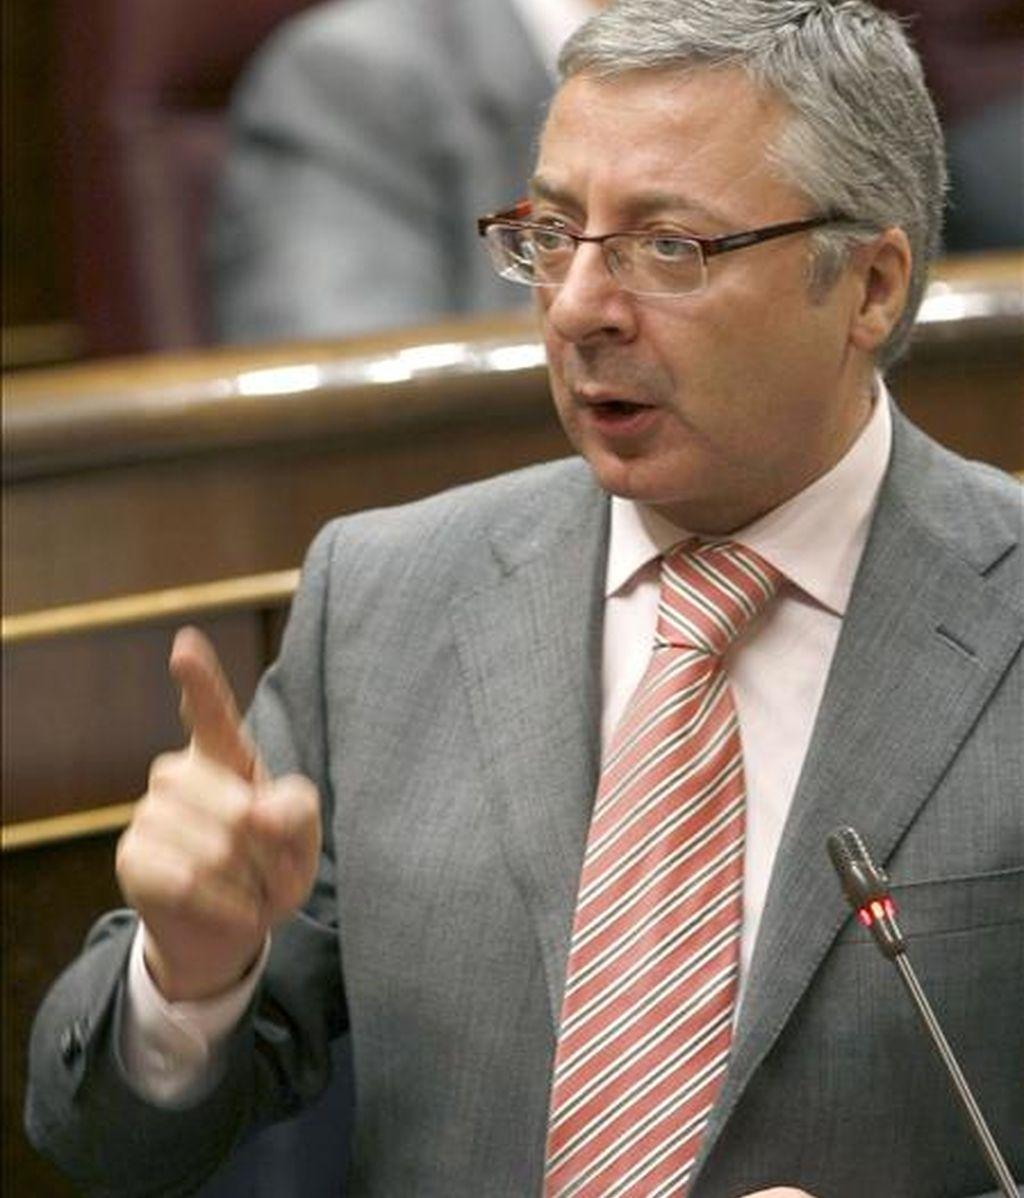 El ministro de Fomento, José Blanco, durante su intervención hoy en la sesión de control al Ejecutivo del pleno del Congreso de los Diputados. EFE